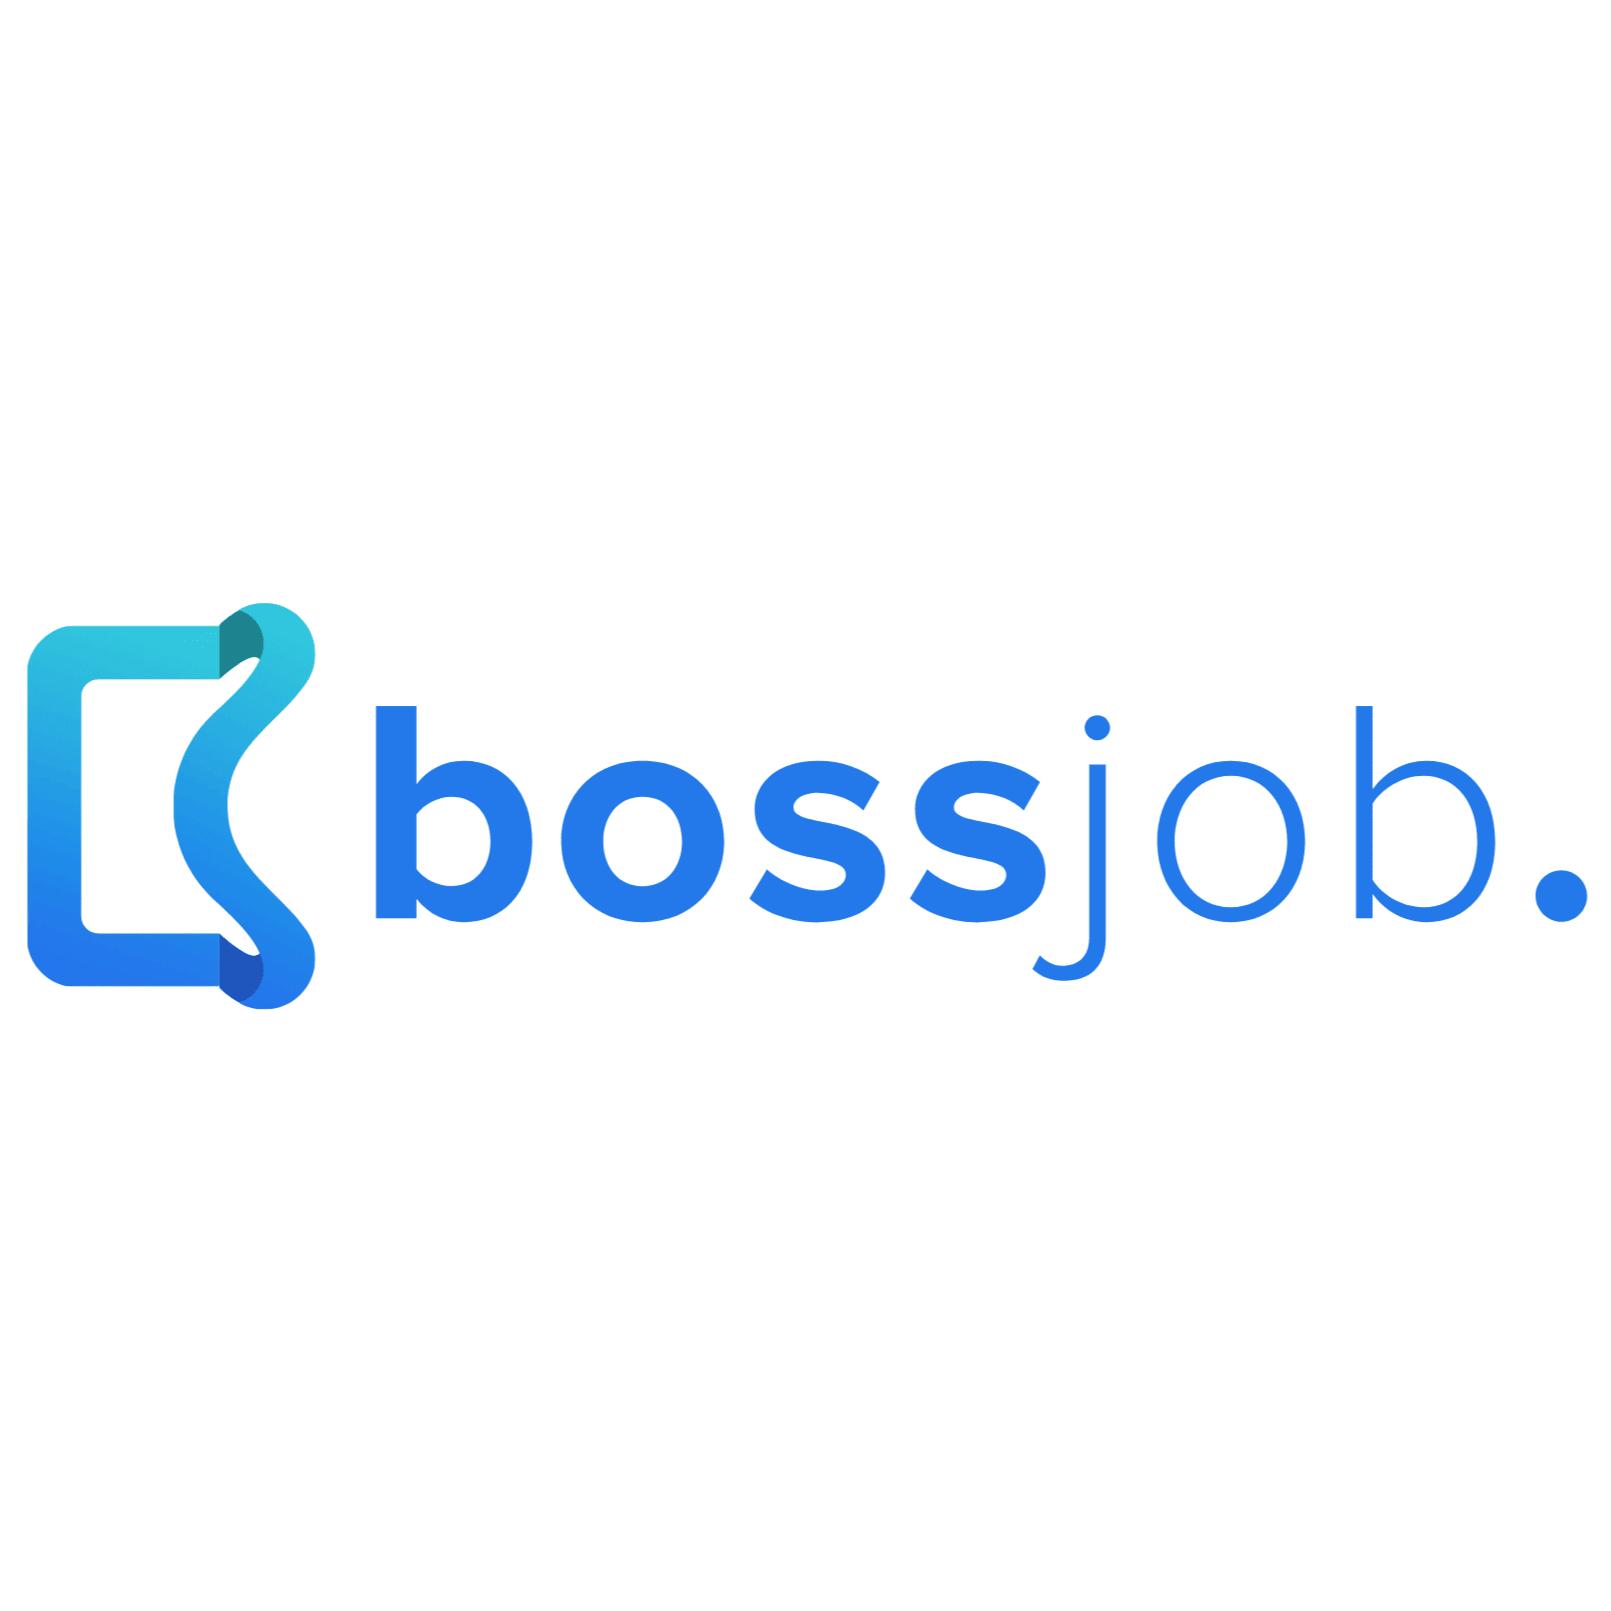 Bossjob icon